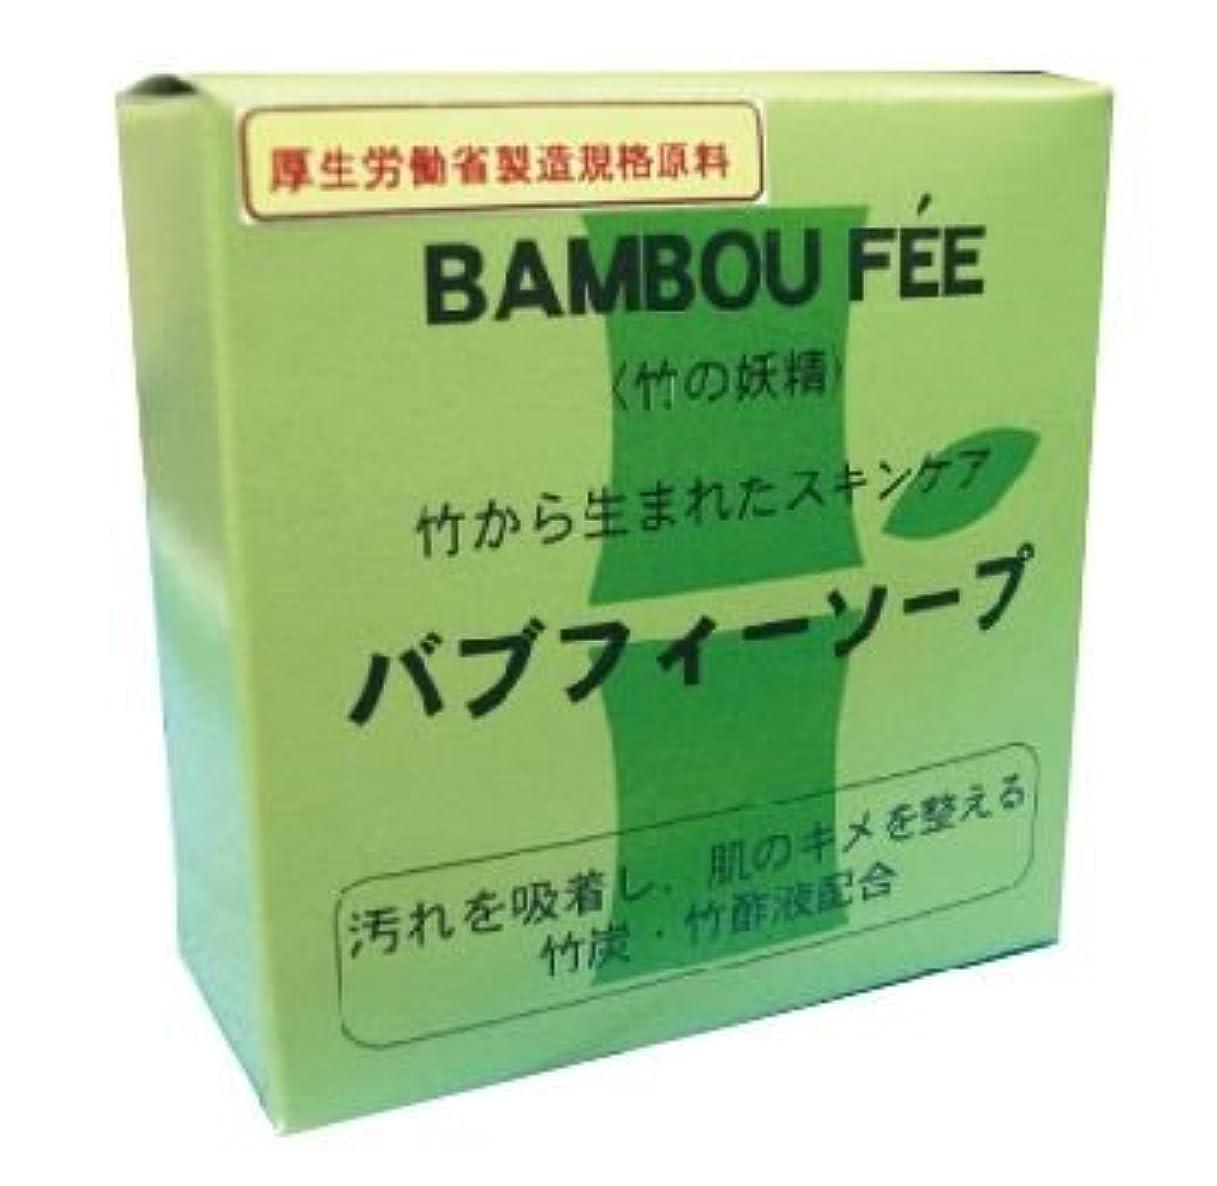 シルエット派手人道的竹炭石鹸 バブフィーソープ